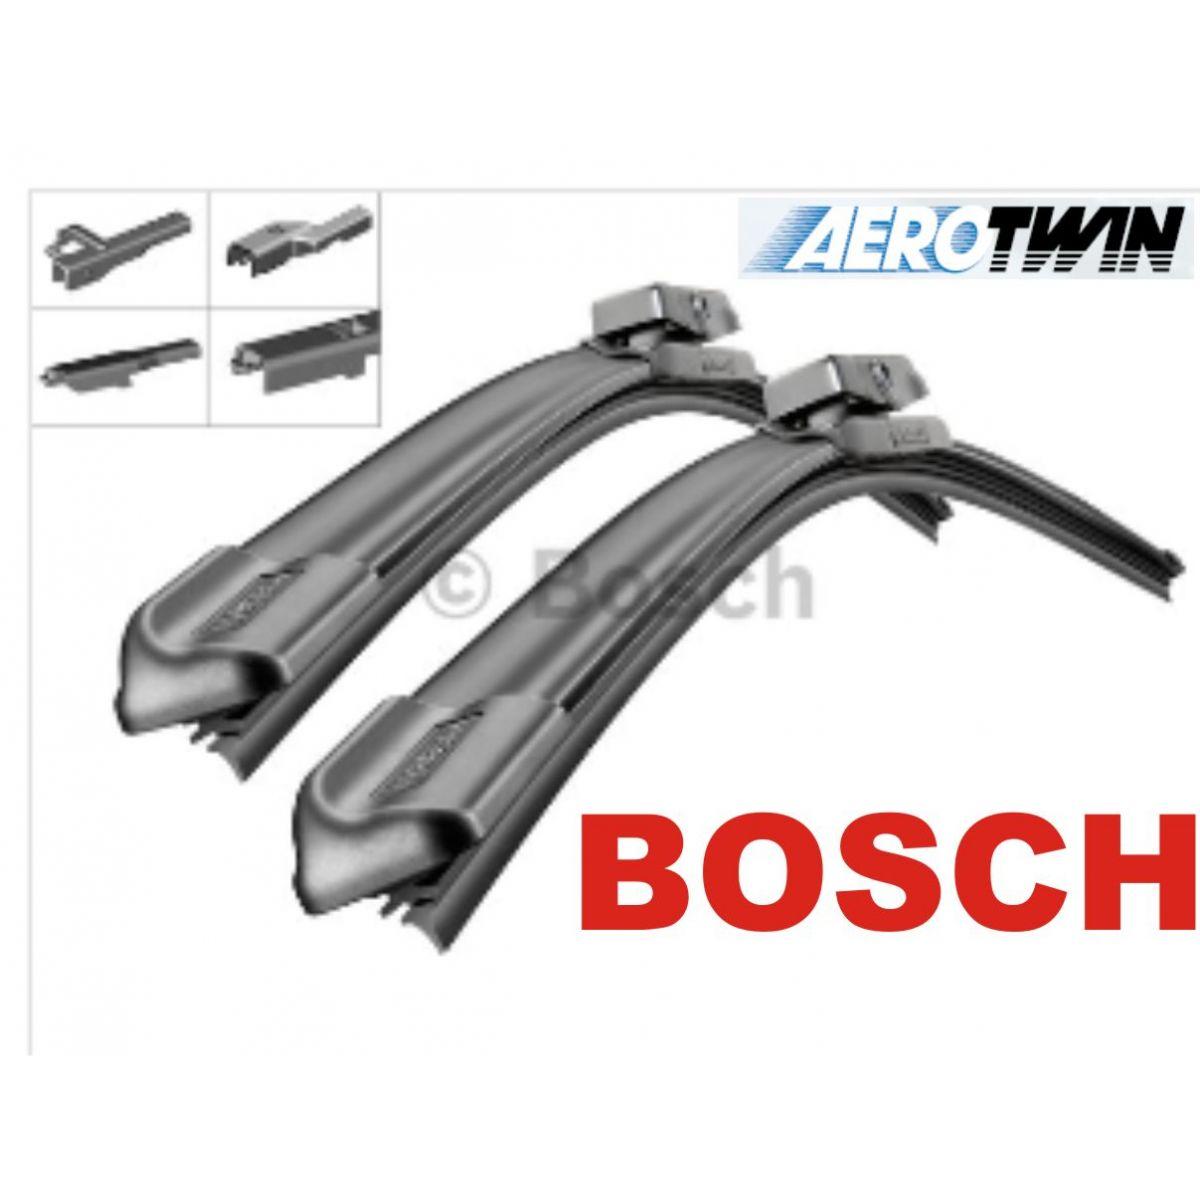 Palheta Bosch Aerotwin Plus Limpador de para brisa Bosch Vectra / Vectra GT 2007 até 2011 Trailblazer ano 2012 em diante